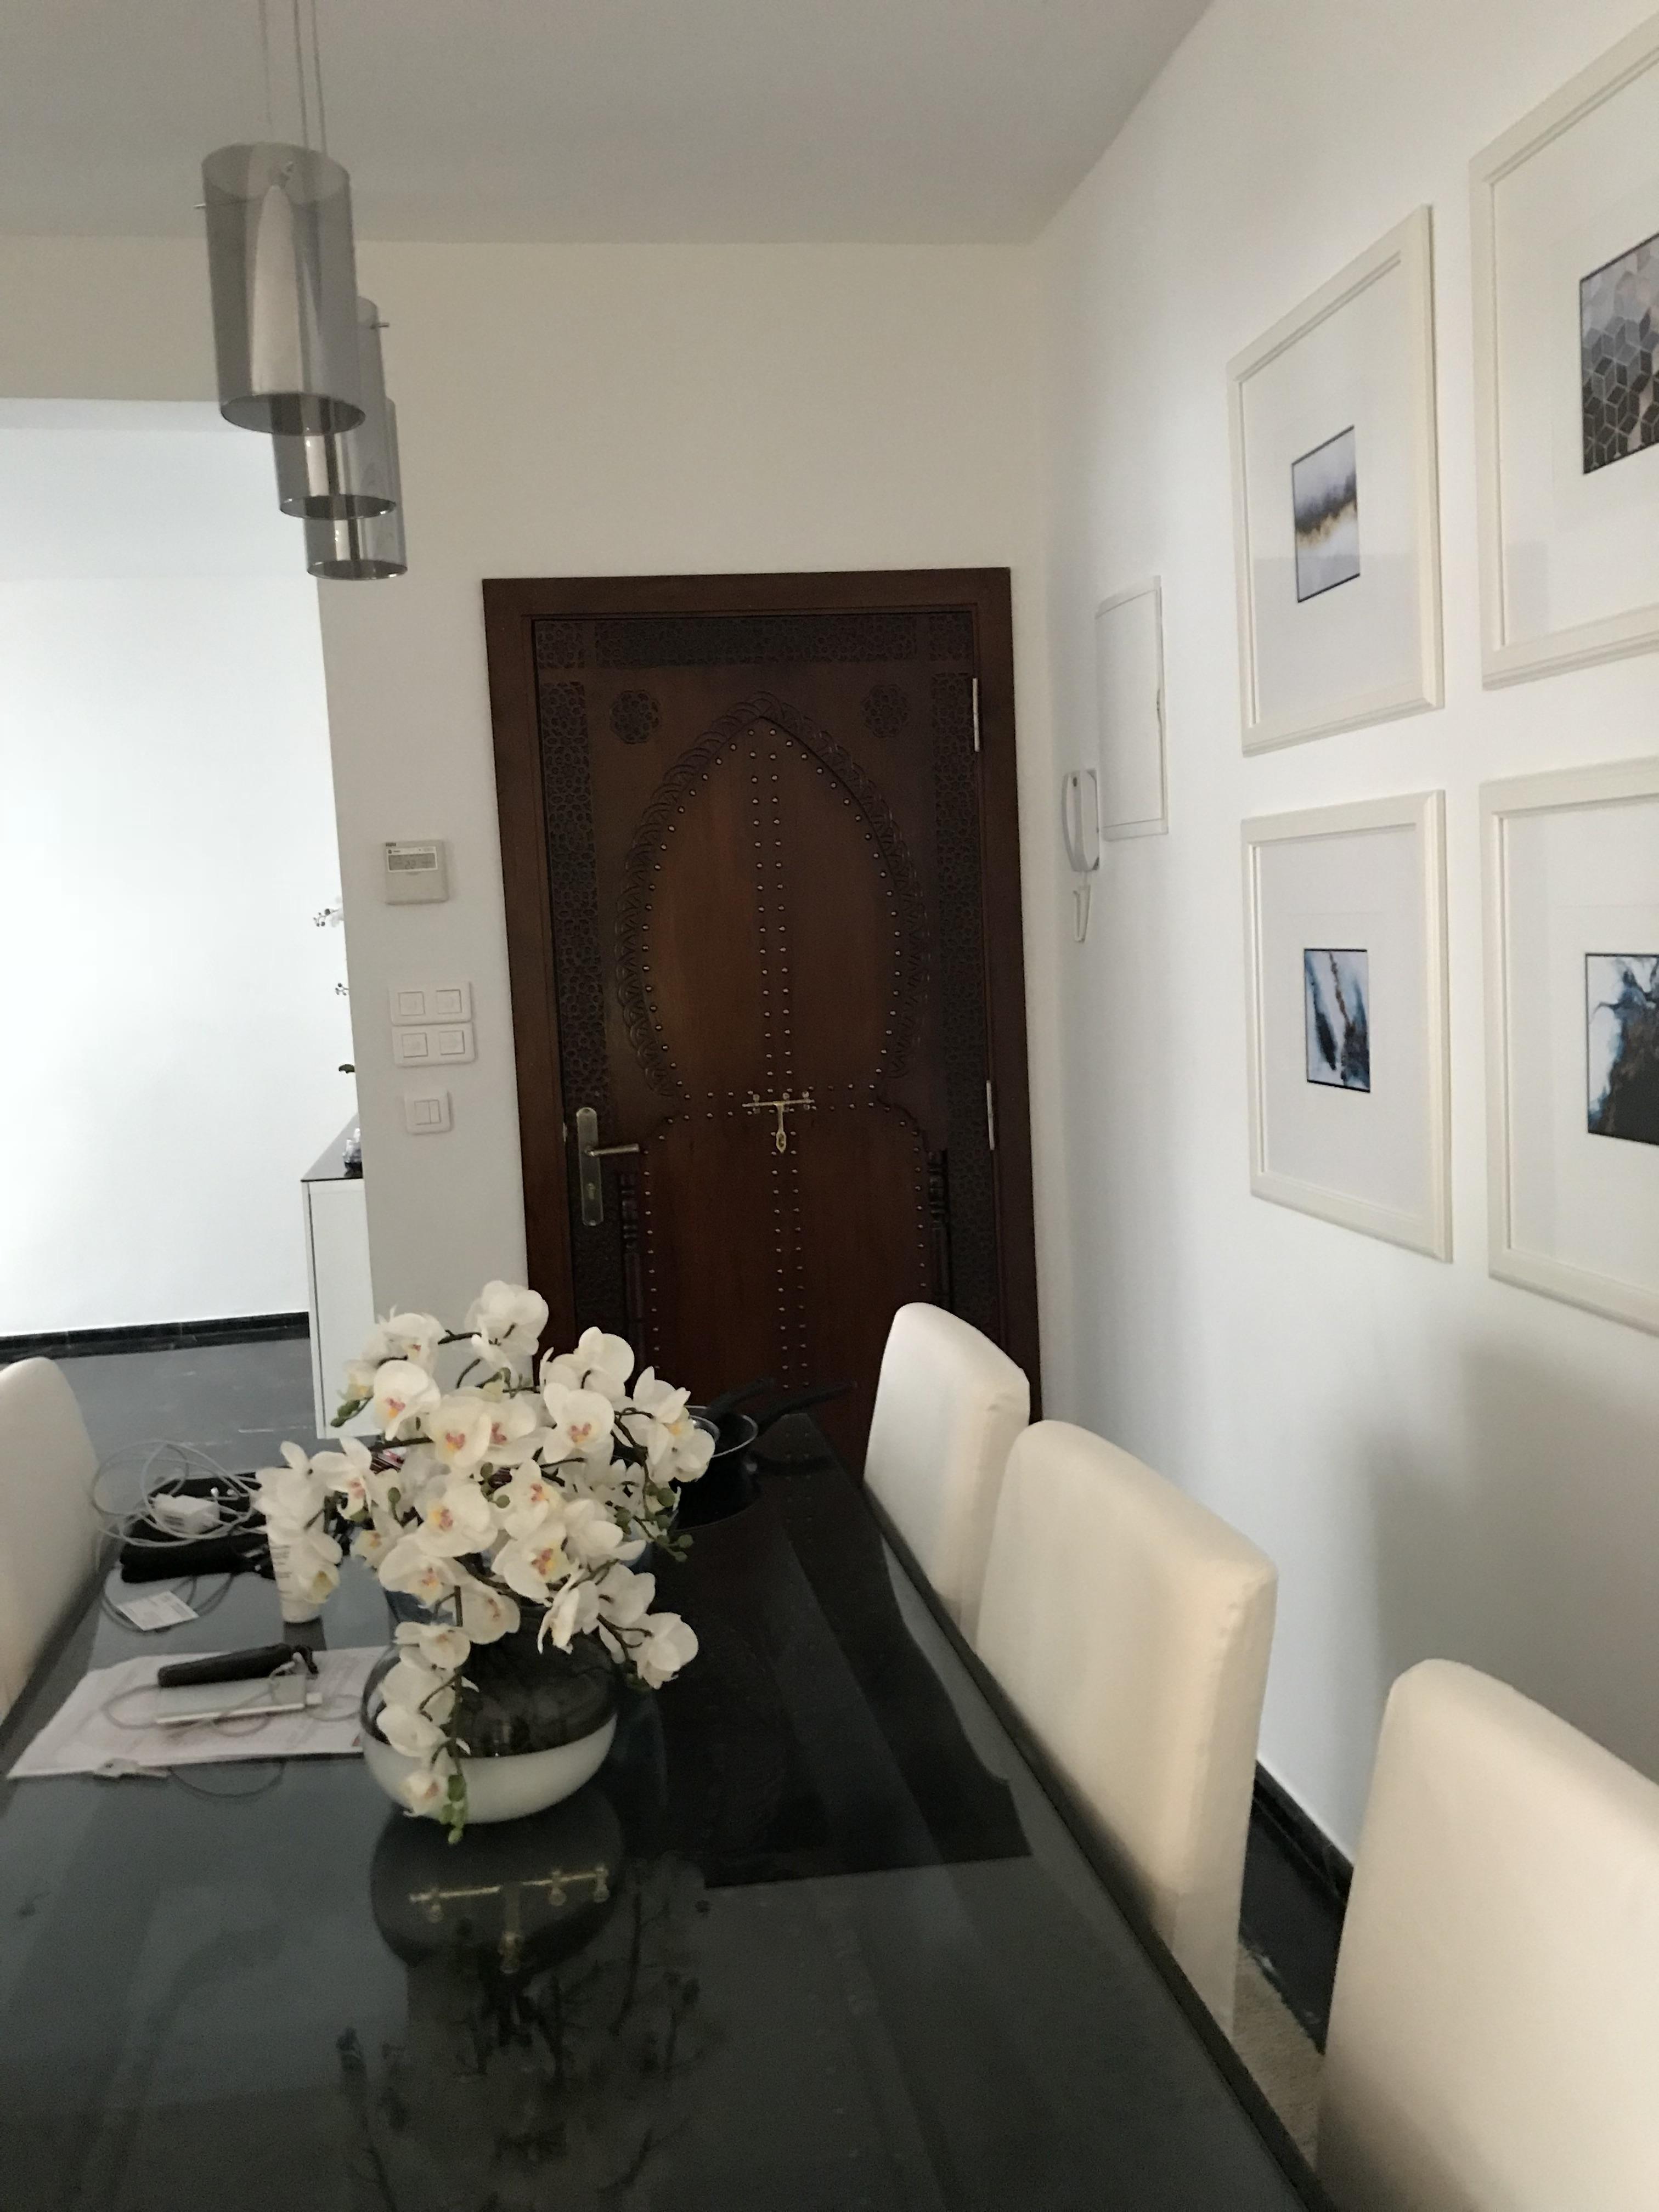 Appartement meublé à louer à Rabat Maroc